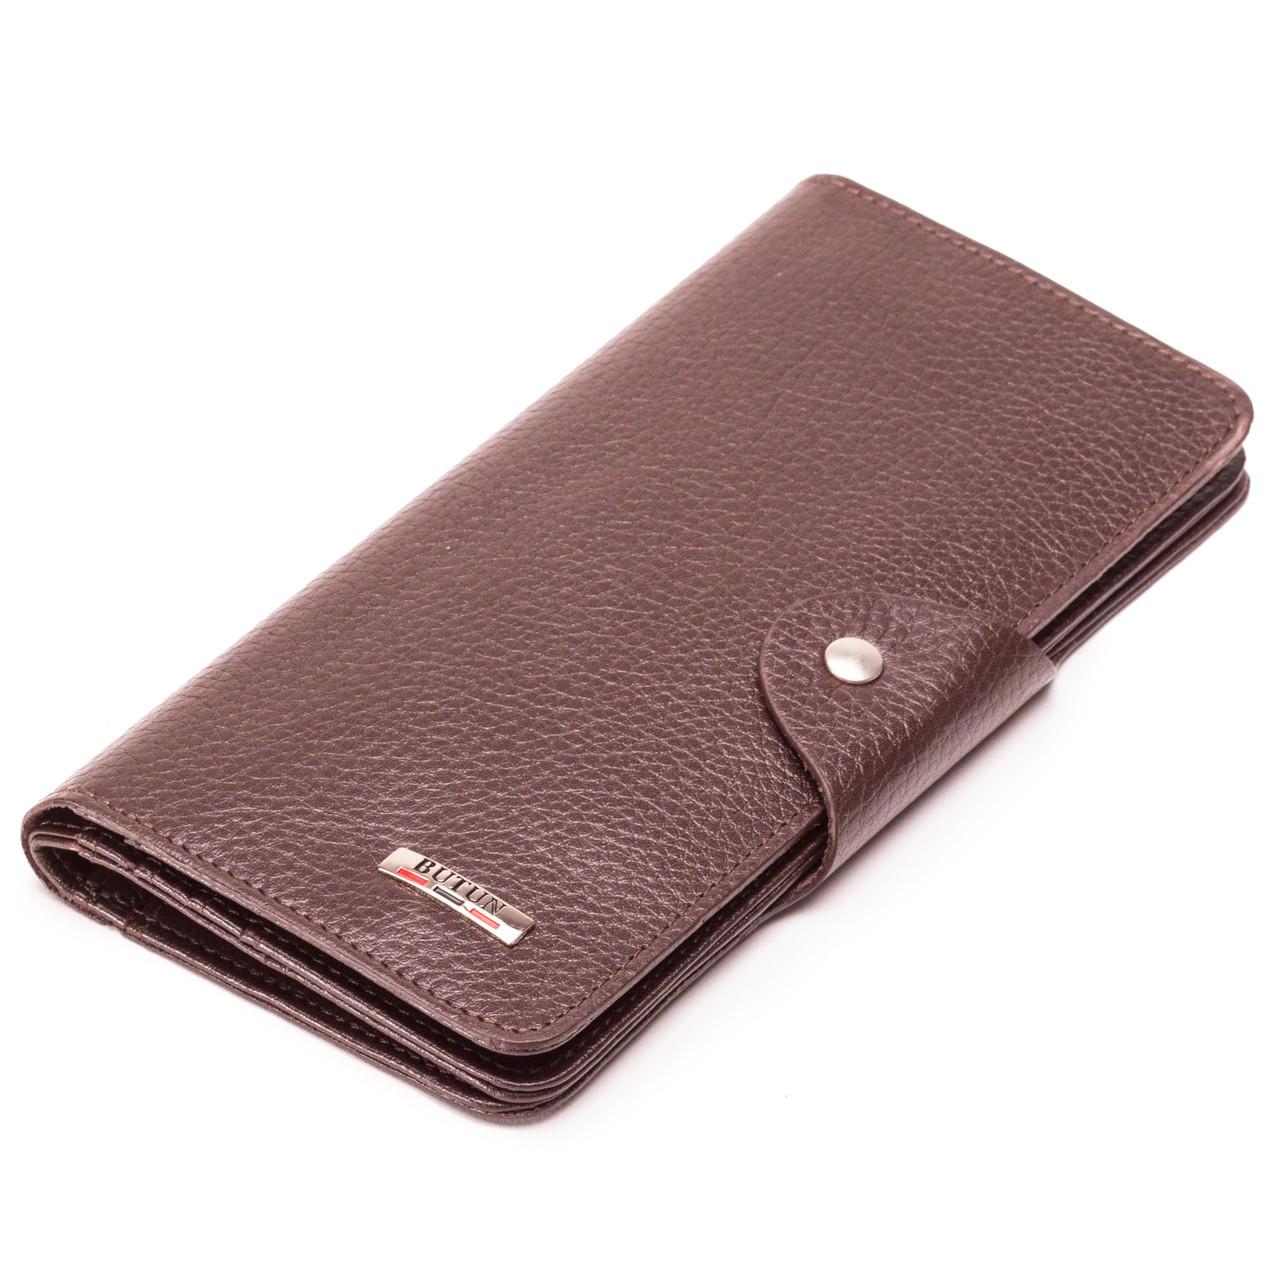 Мужской кошелек бумажник кожаный коричневый BUTUN 645-004-004